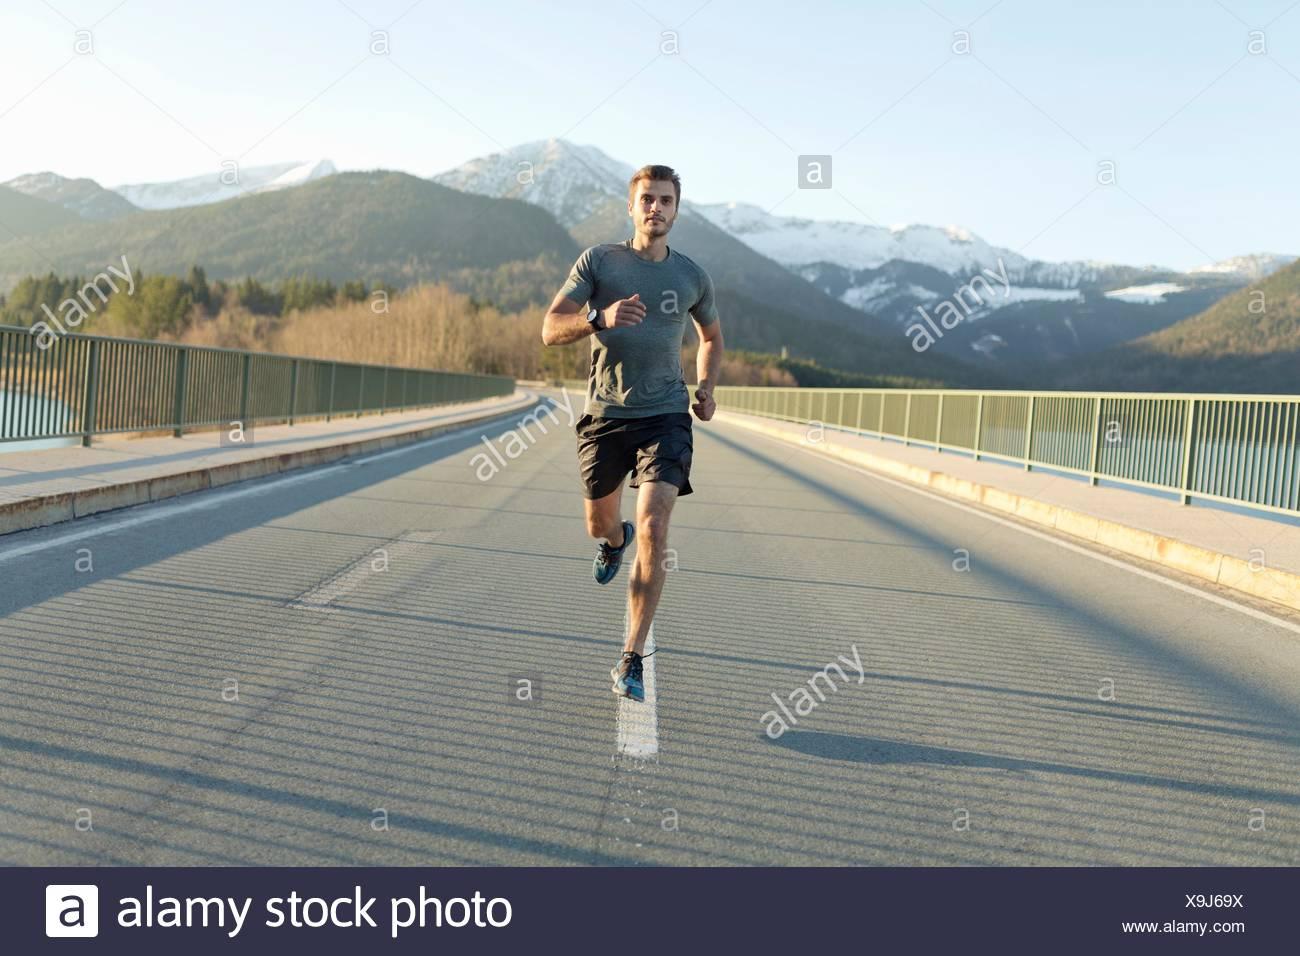 Giovane uomo, in esecuzione su strada, montagne dietro di lui, vista frontale Immagini Stock